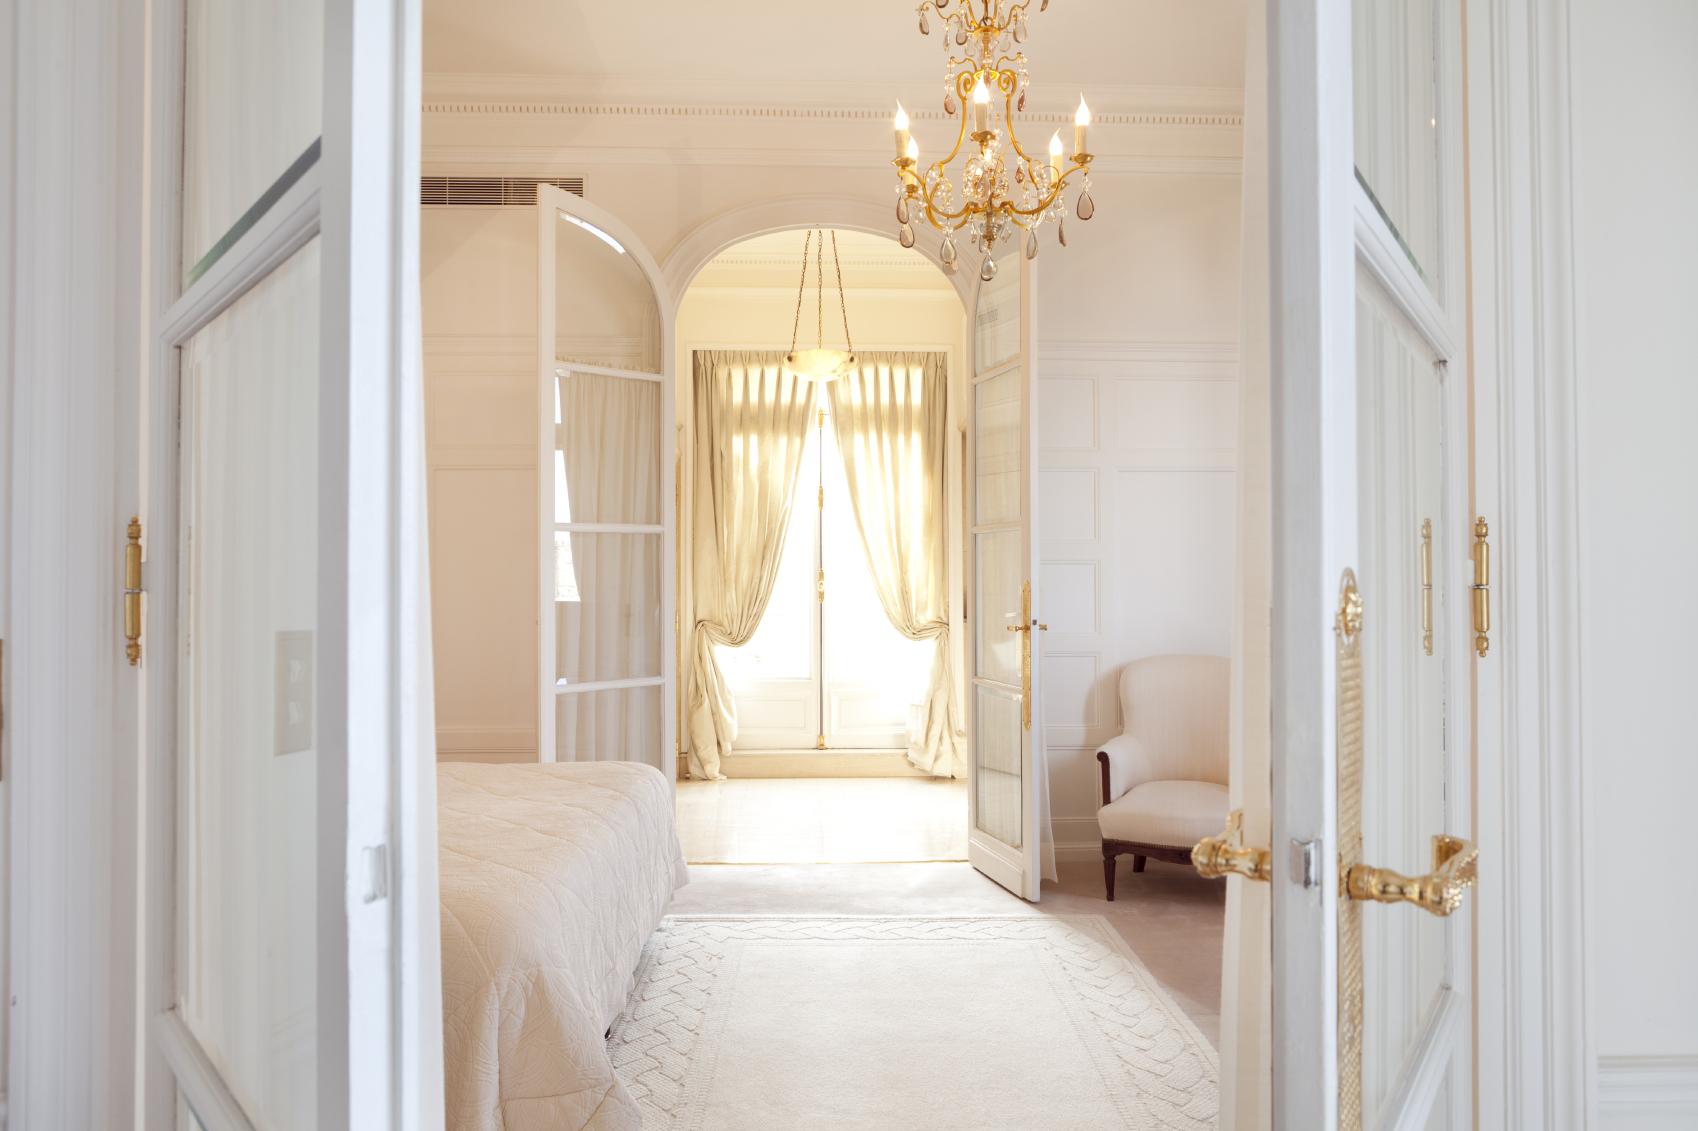 feng shui indretning regler Feng Shui dit soveværelse   Isabella Kreutzfeldt feng shui indretning regler